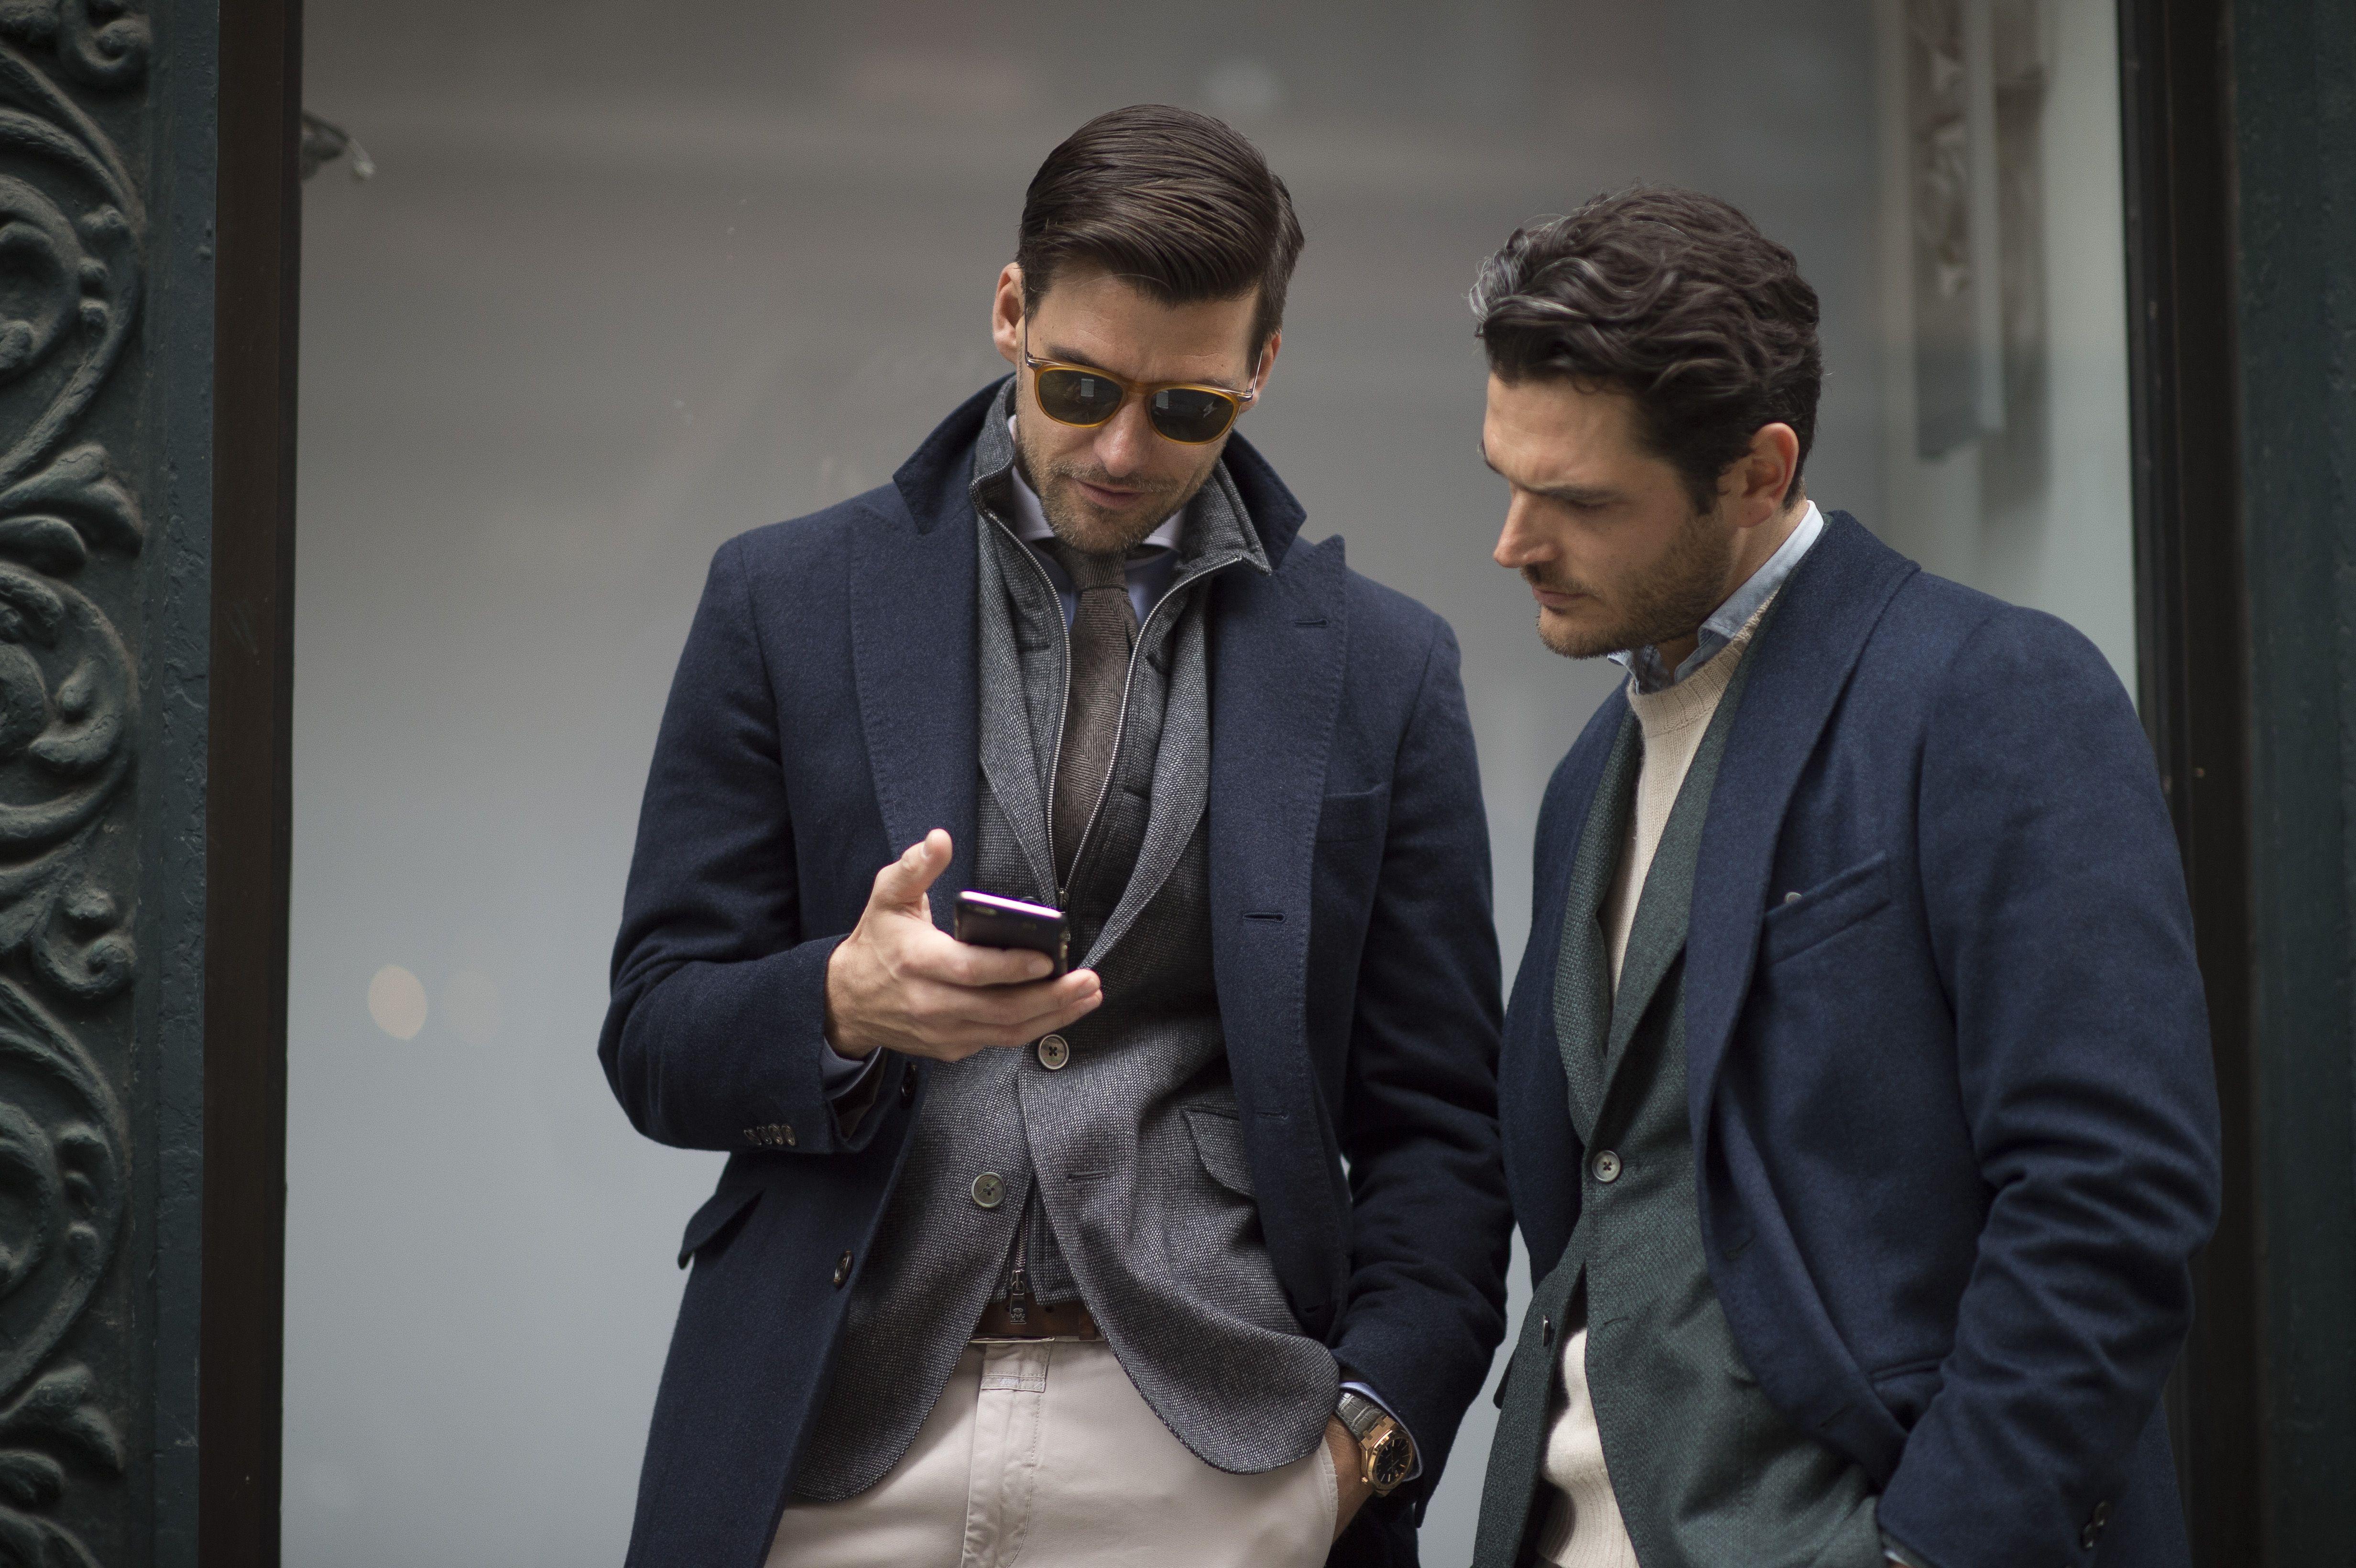 13658a1318 Las tiendas de ropa de hombre que te interesa conocer para renovar tu estilo